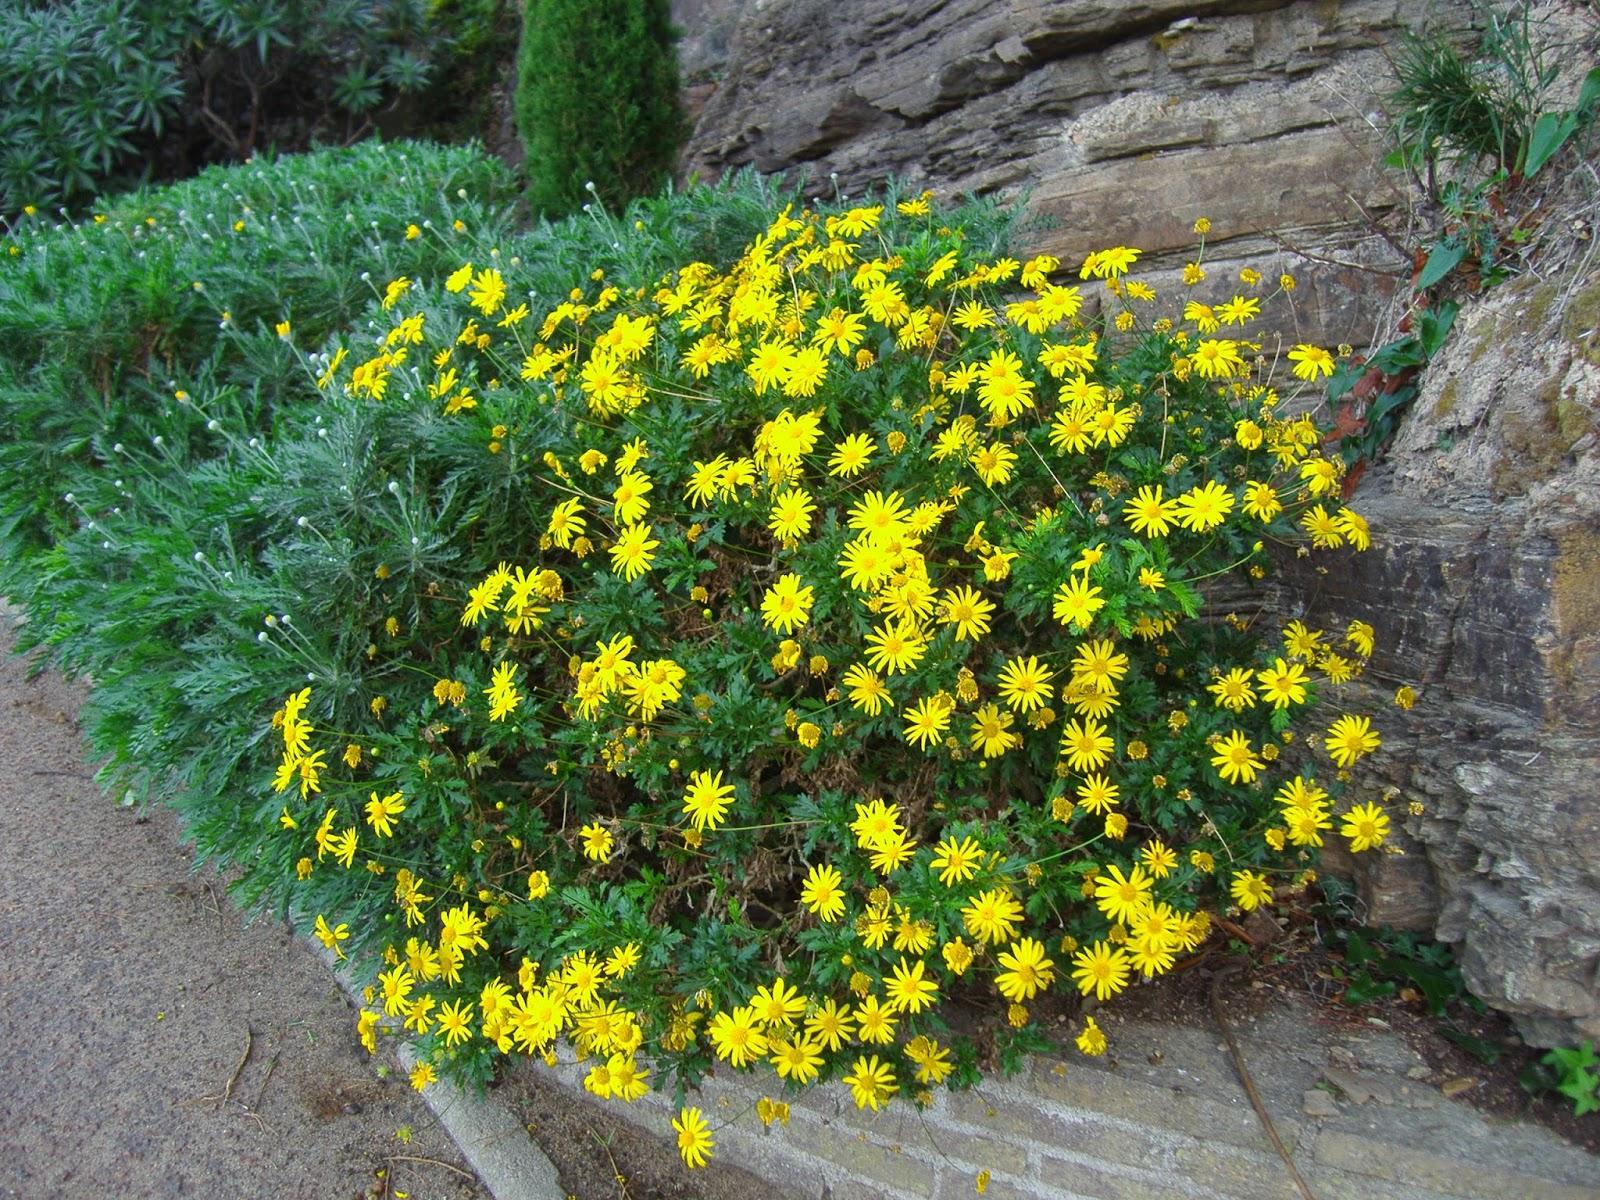 Euryops pectinatus margarita amarilla descripci n - Cuidado de jardines ...